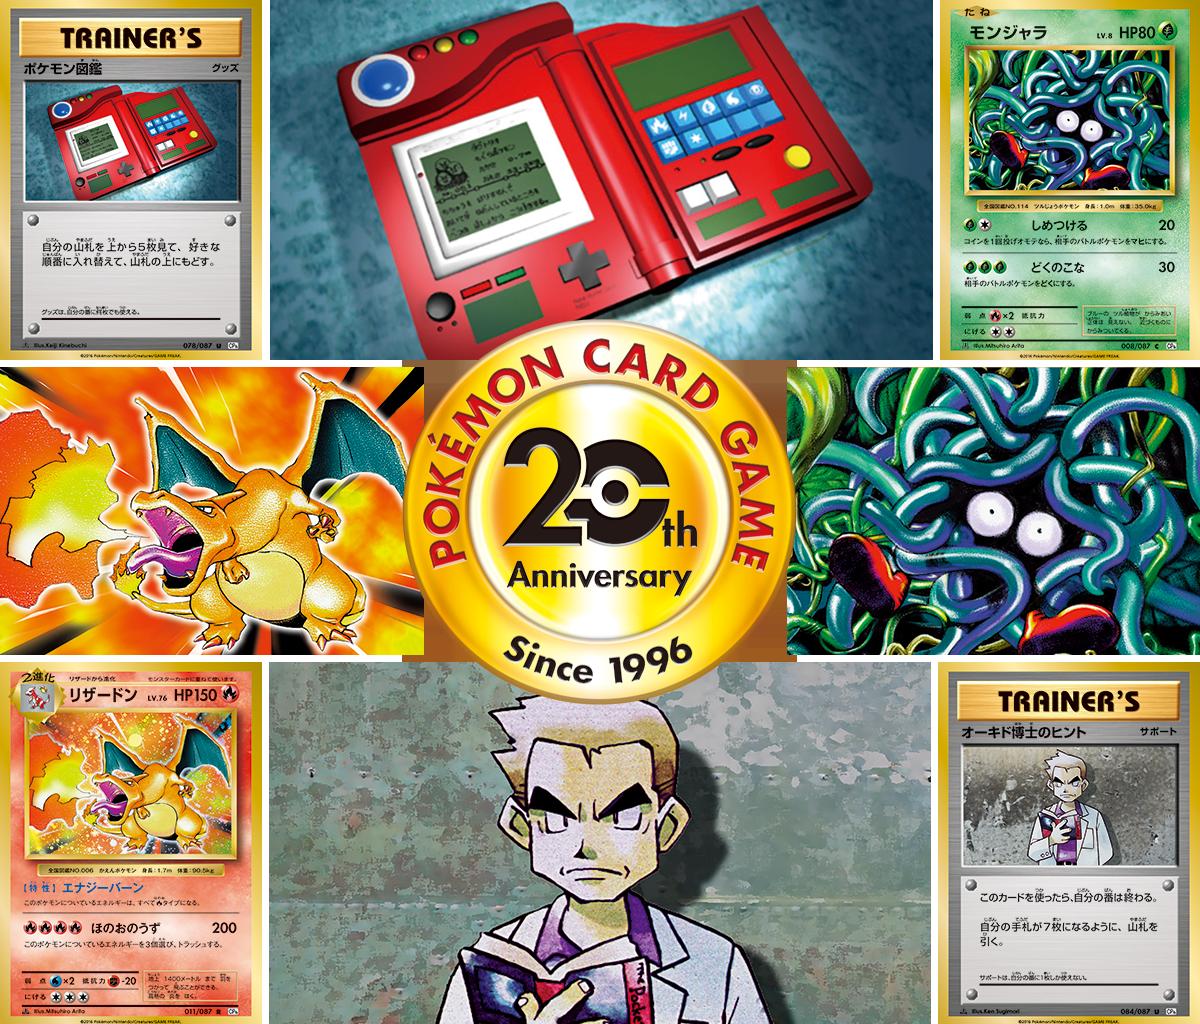 ポケモンカードゲーム20周年特別サイト